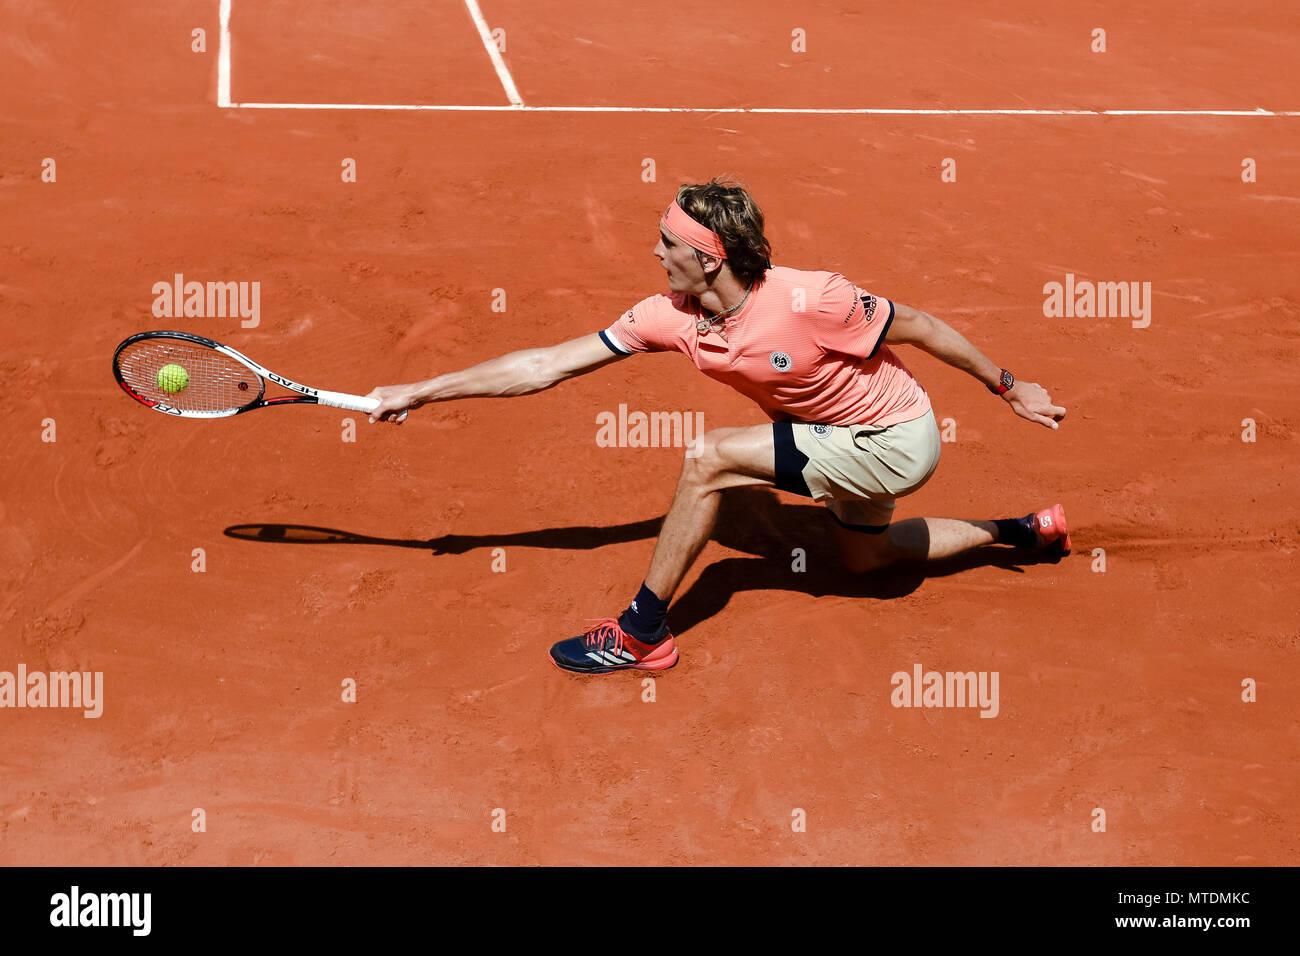 Parigi, Francia. 28 Maggio, 2018. Alexander Zverev della Germania durante il suo secondo singles corrisponde al giorno 4 al 2018 francesi aperti a Roland Garros. Credito: Frank Molter/Alamy Live News Foto Stock